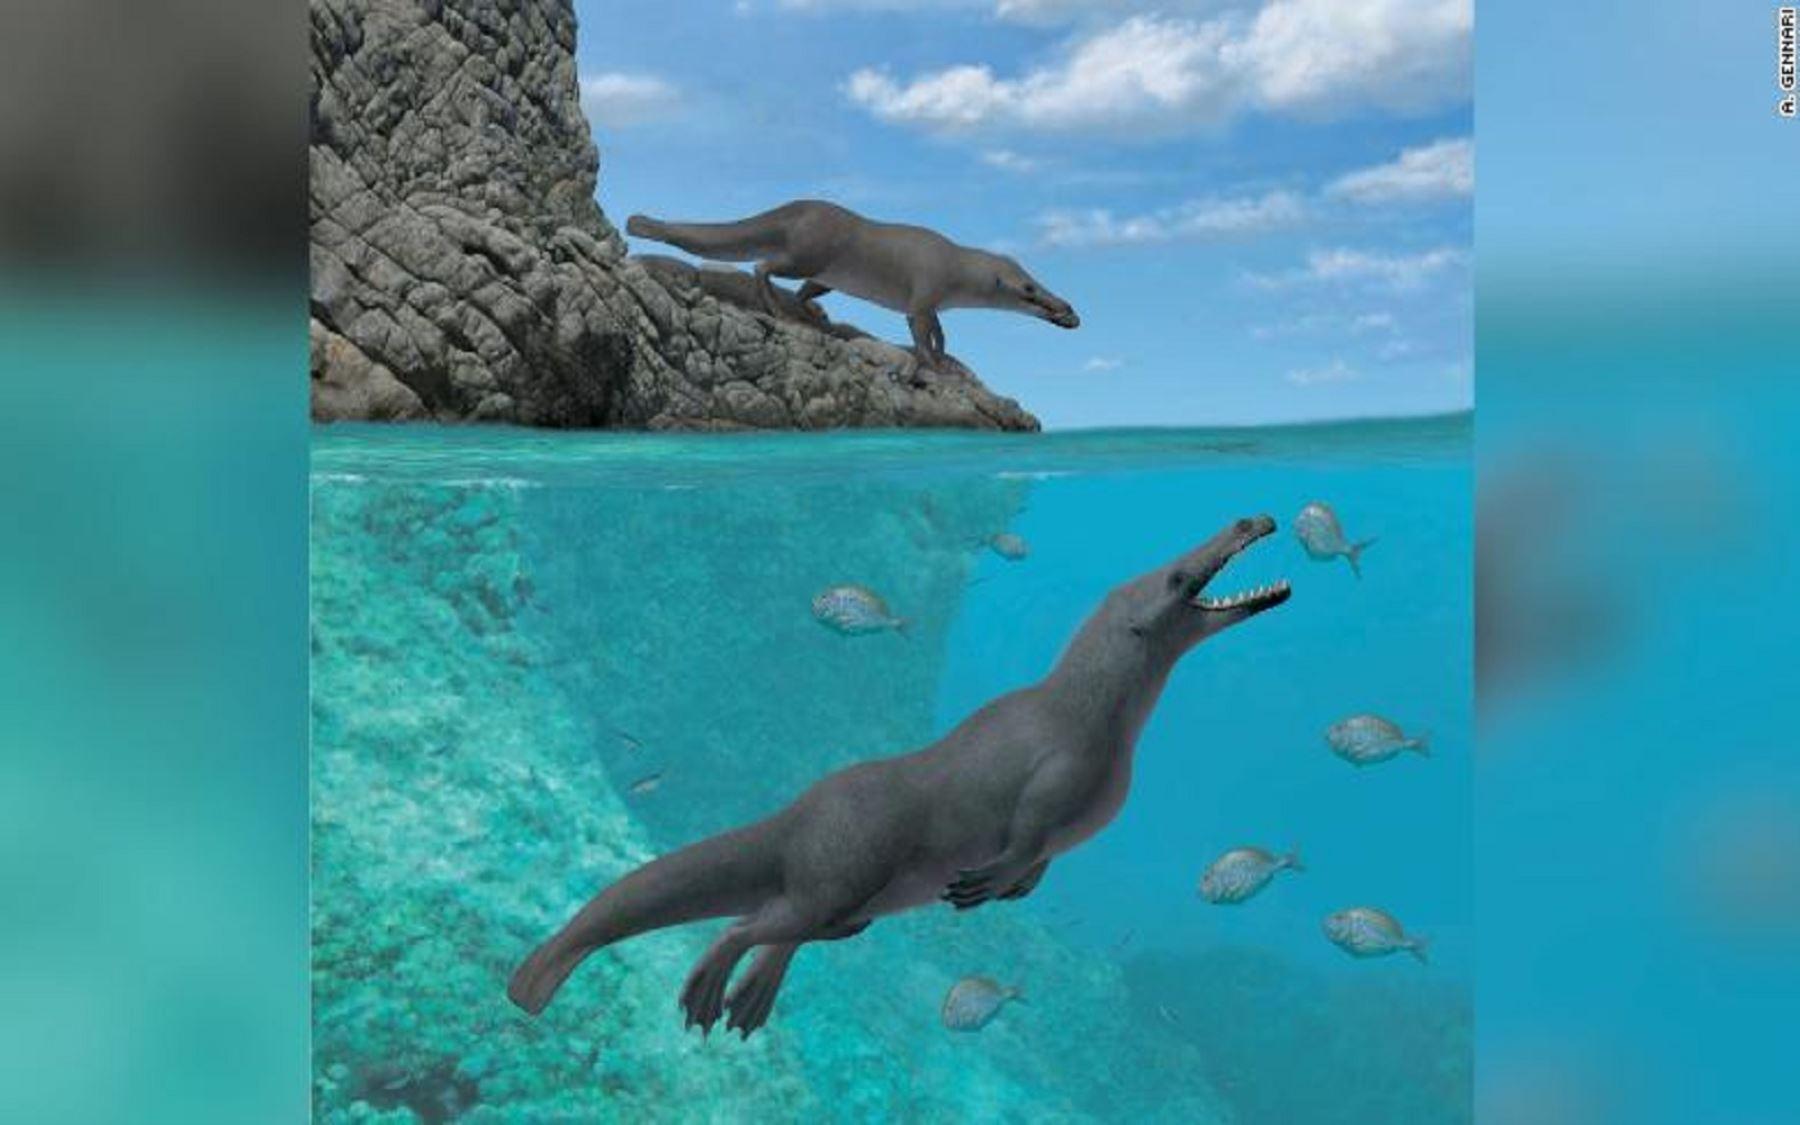 Hallan restos de una ballena con cuatro patas similar a una nutria en Perú Foto: CNN